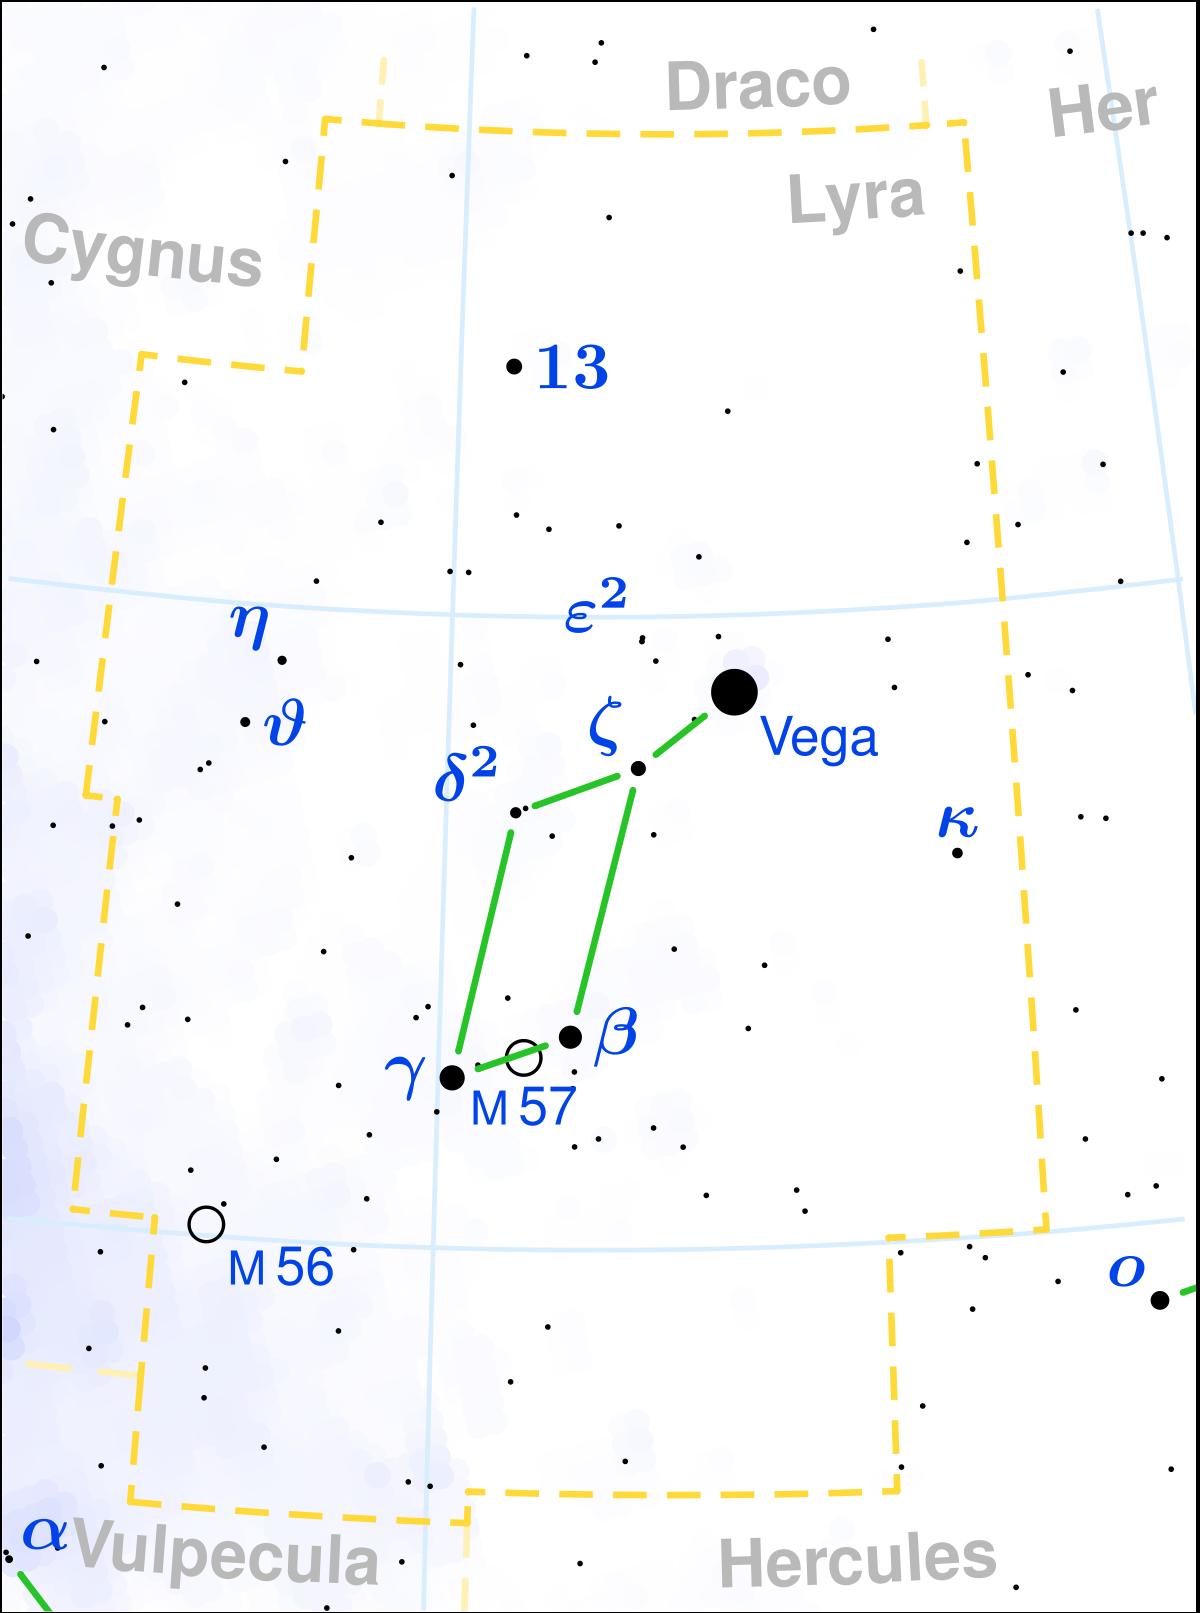 Vega estrela wikipdia a enciclopdia livre o que a nasa no vega estrela wikipdia a enciclopdia livre ccuart Gallery